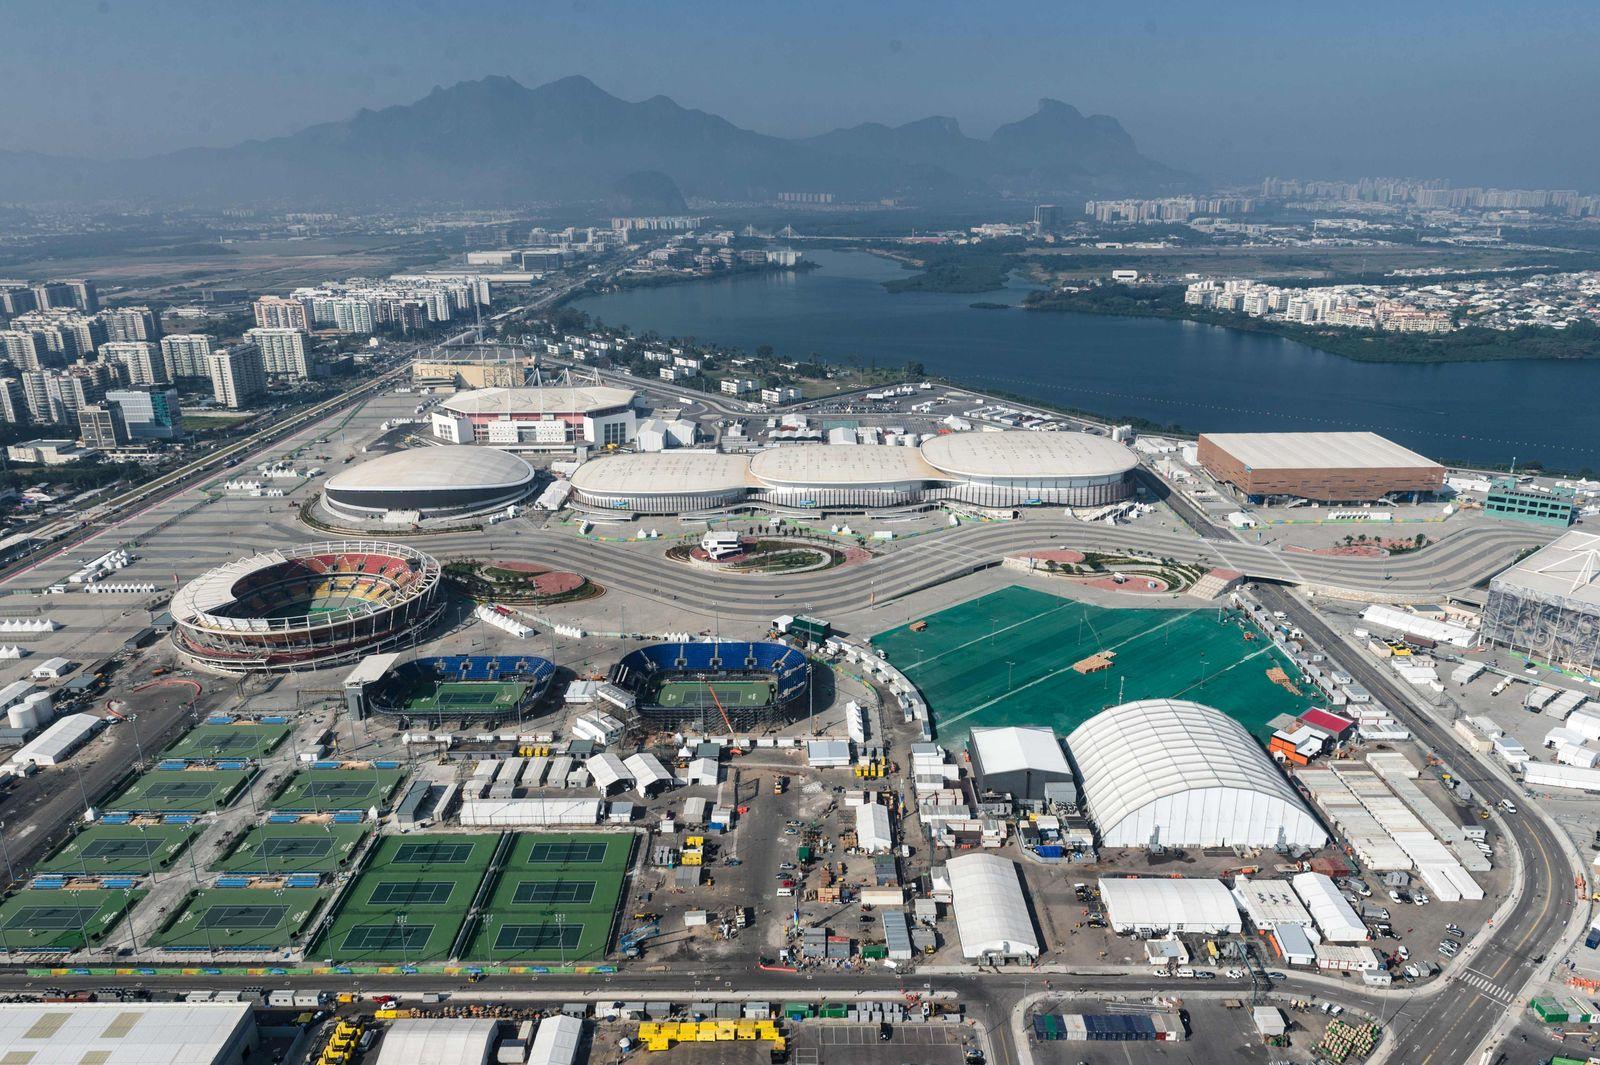 Rio / Olympiapark